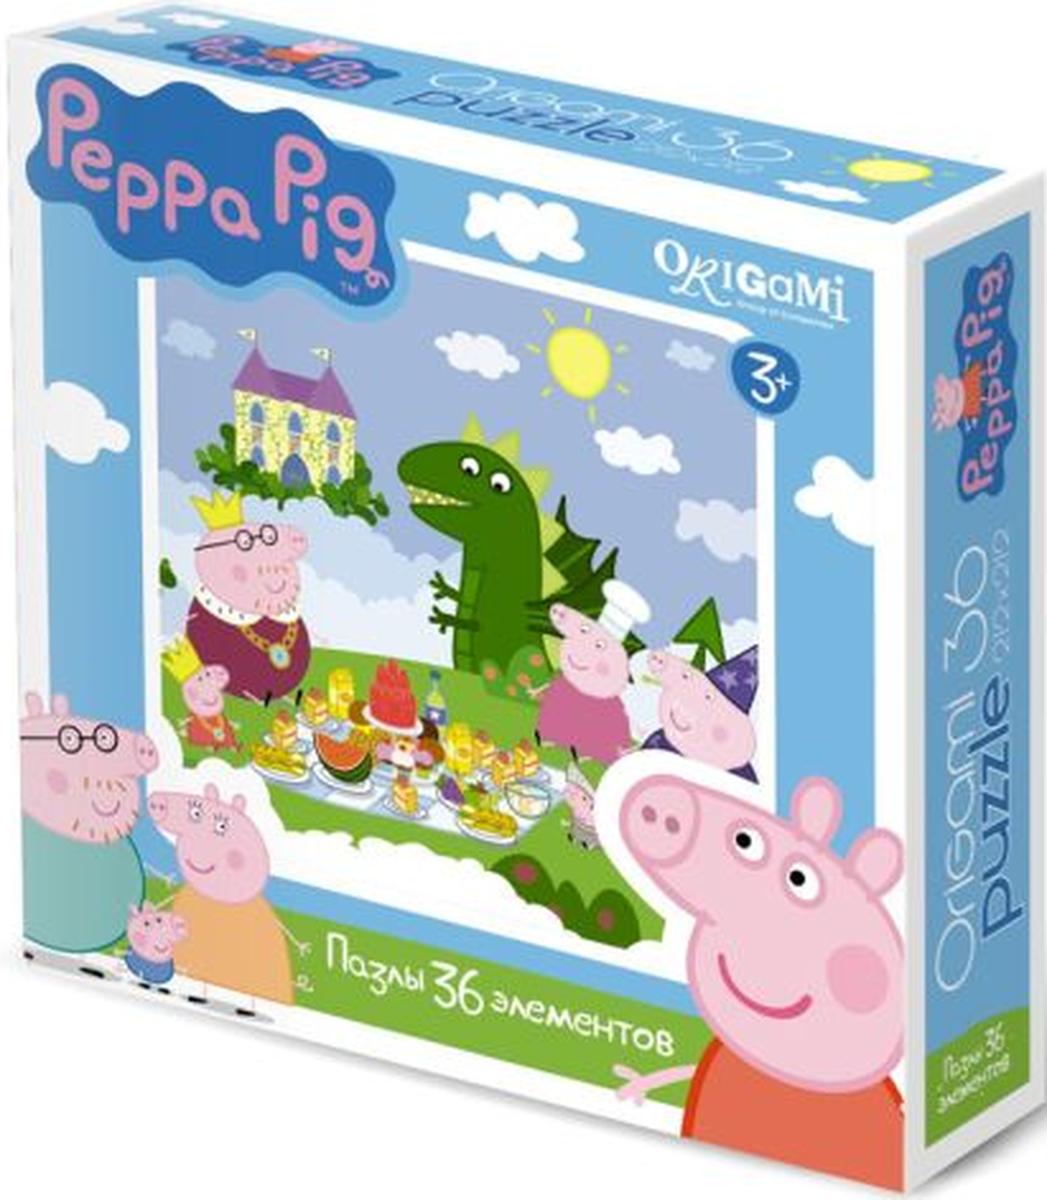 Оригами Пазл для малышей Peppa Pig 01549 оригами пазл для малышей цыпленок с подарком